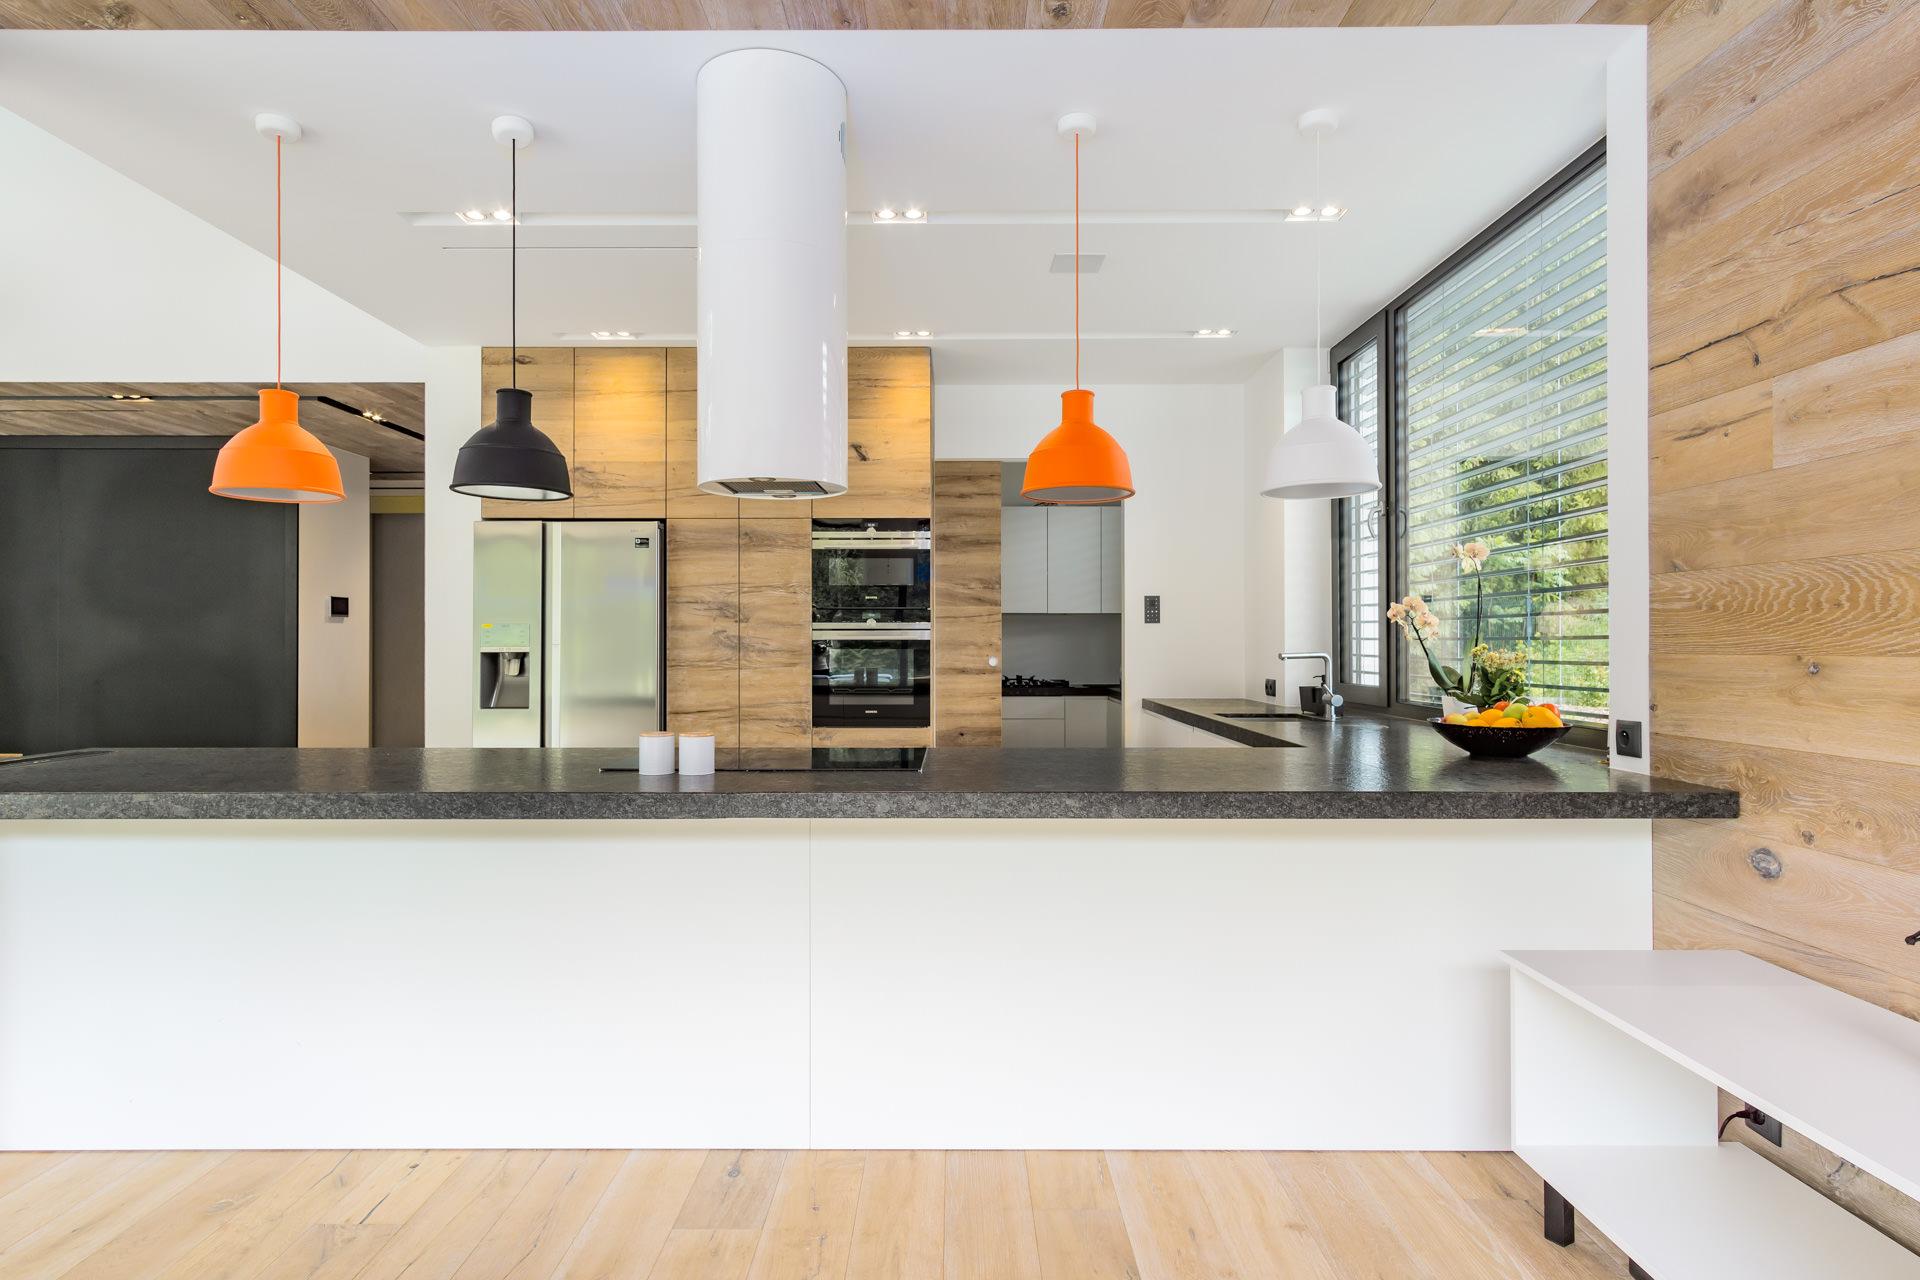 nowoczesny-luksusowy-dom-zdjecia-do-sprzedazy (5)